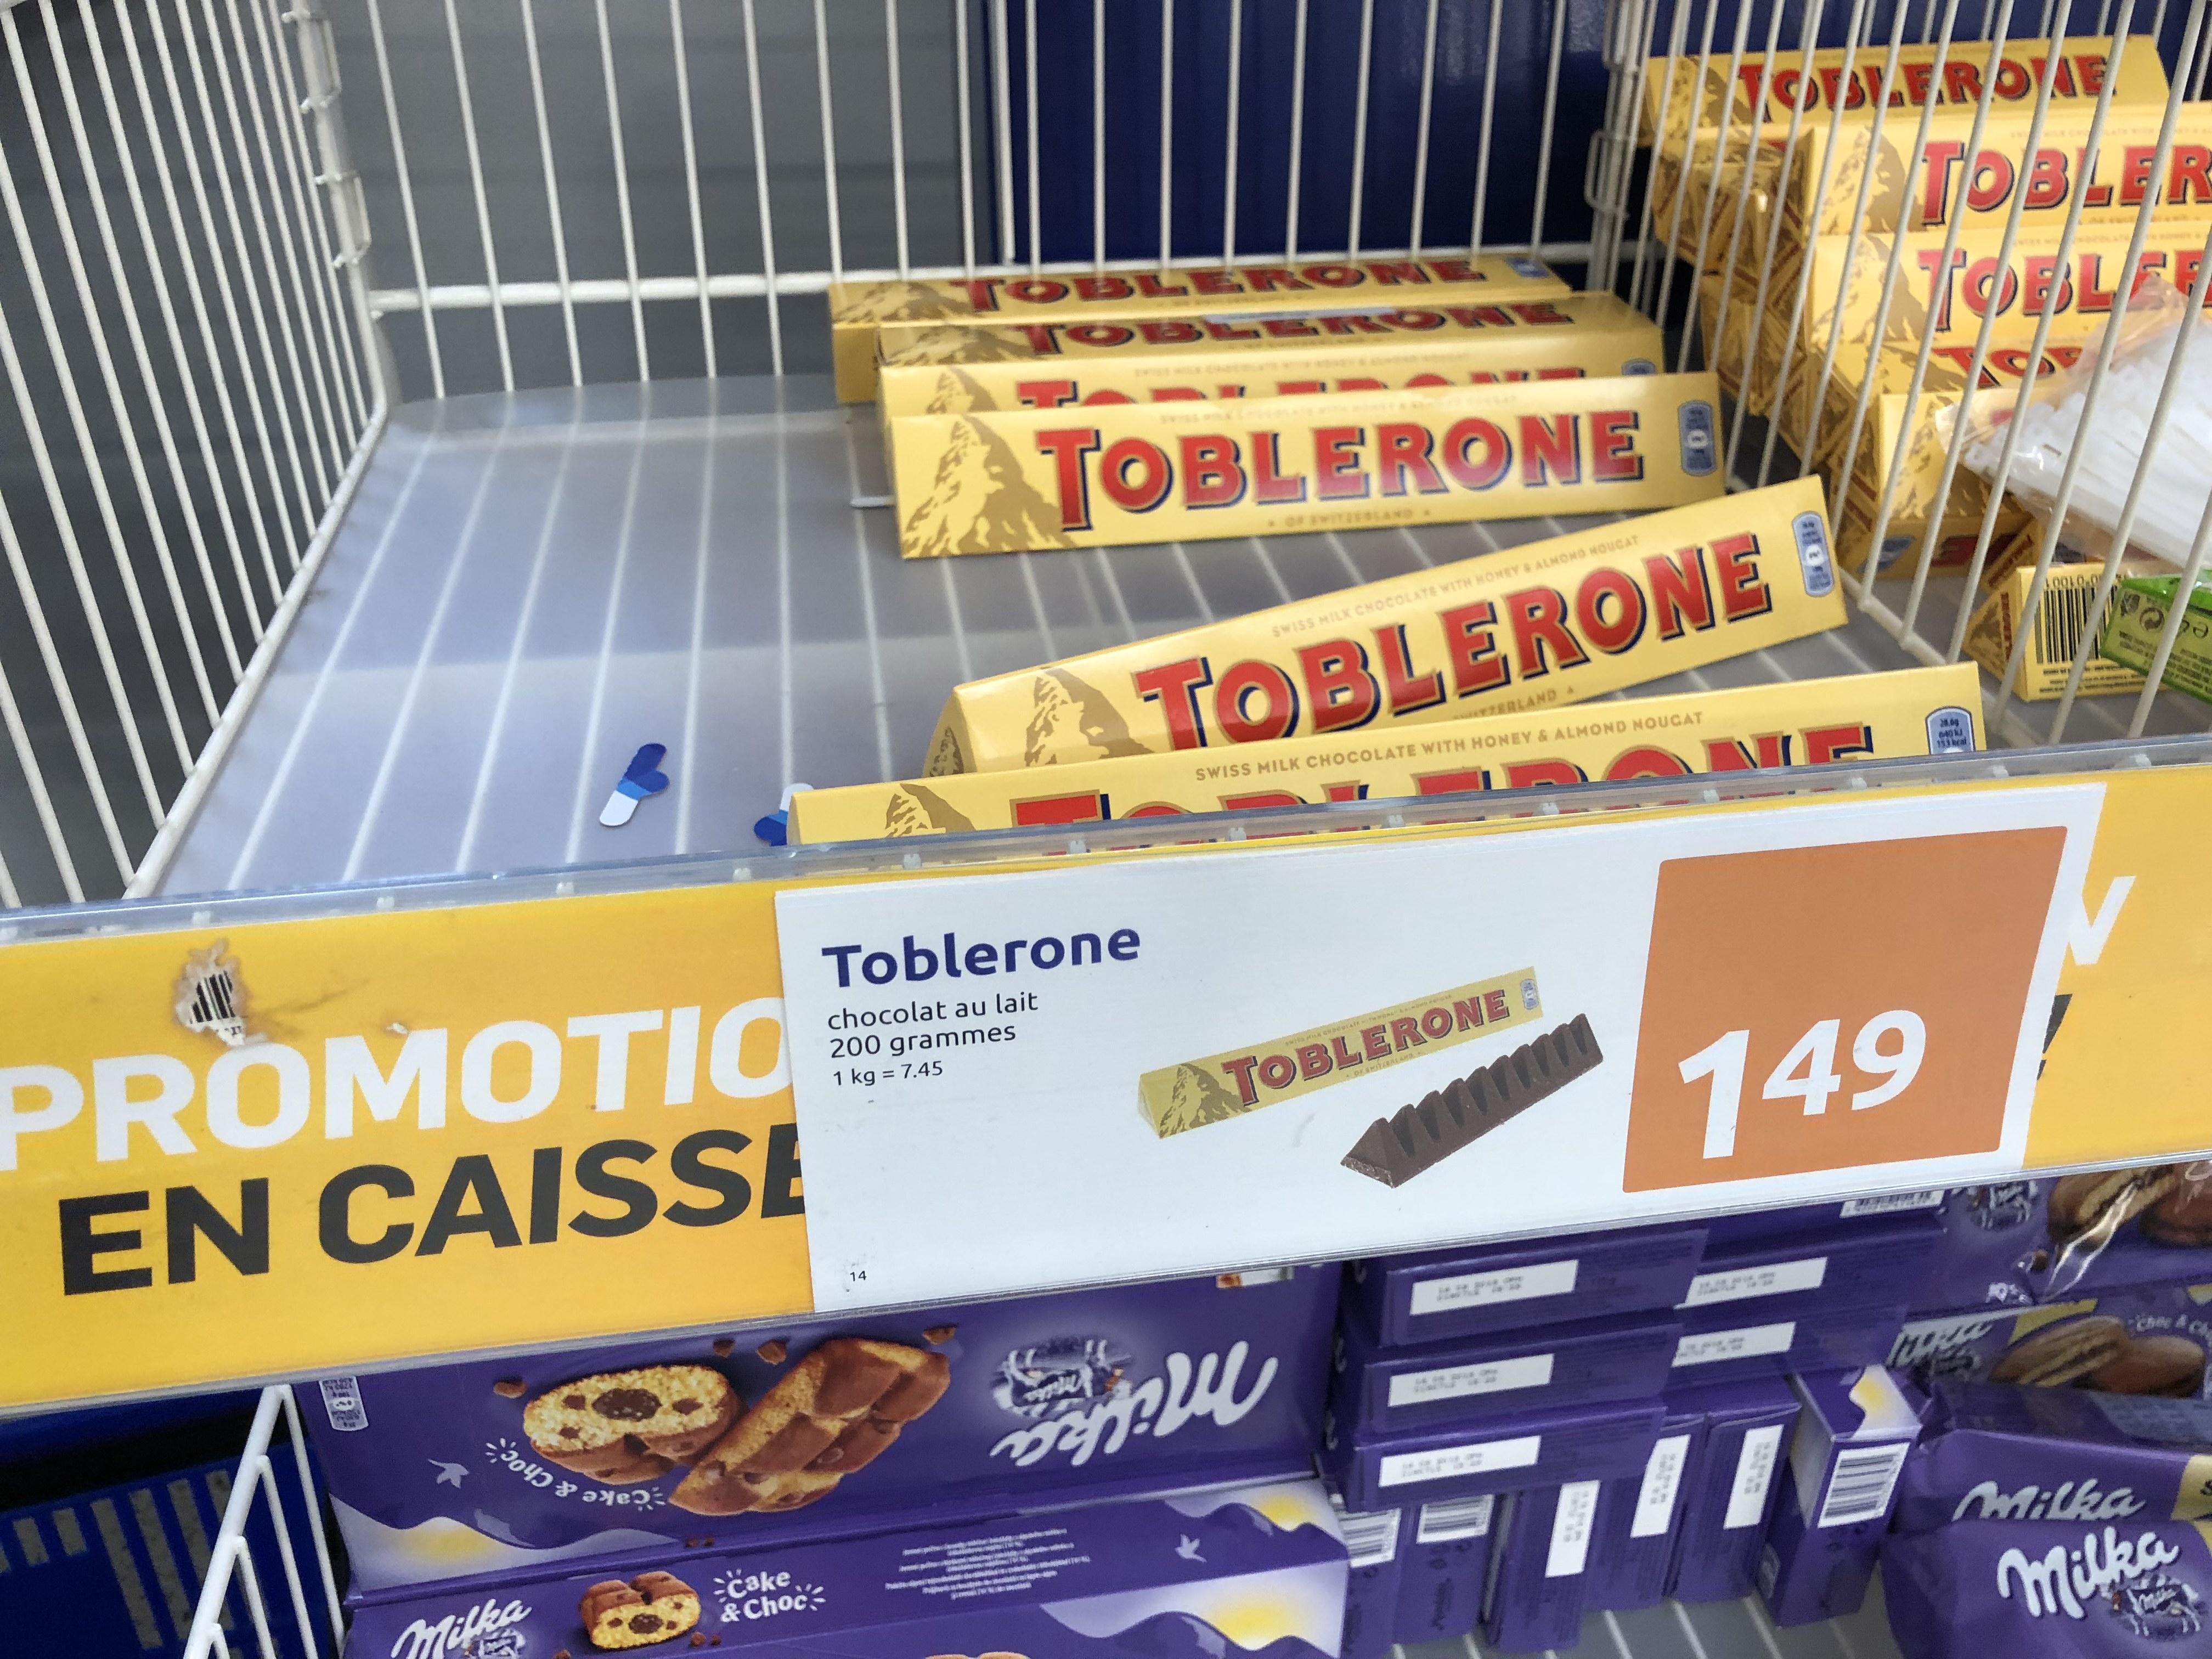 Chocolat au lait Toblerone - 200g - La Rochelle (17)